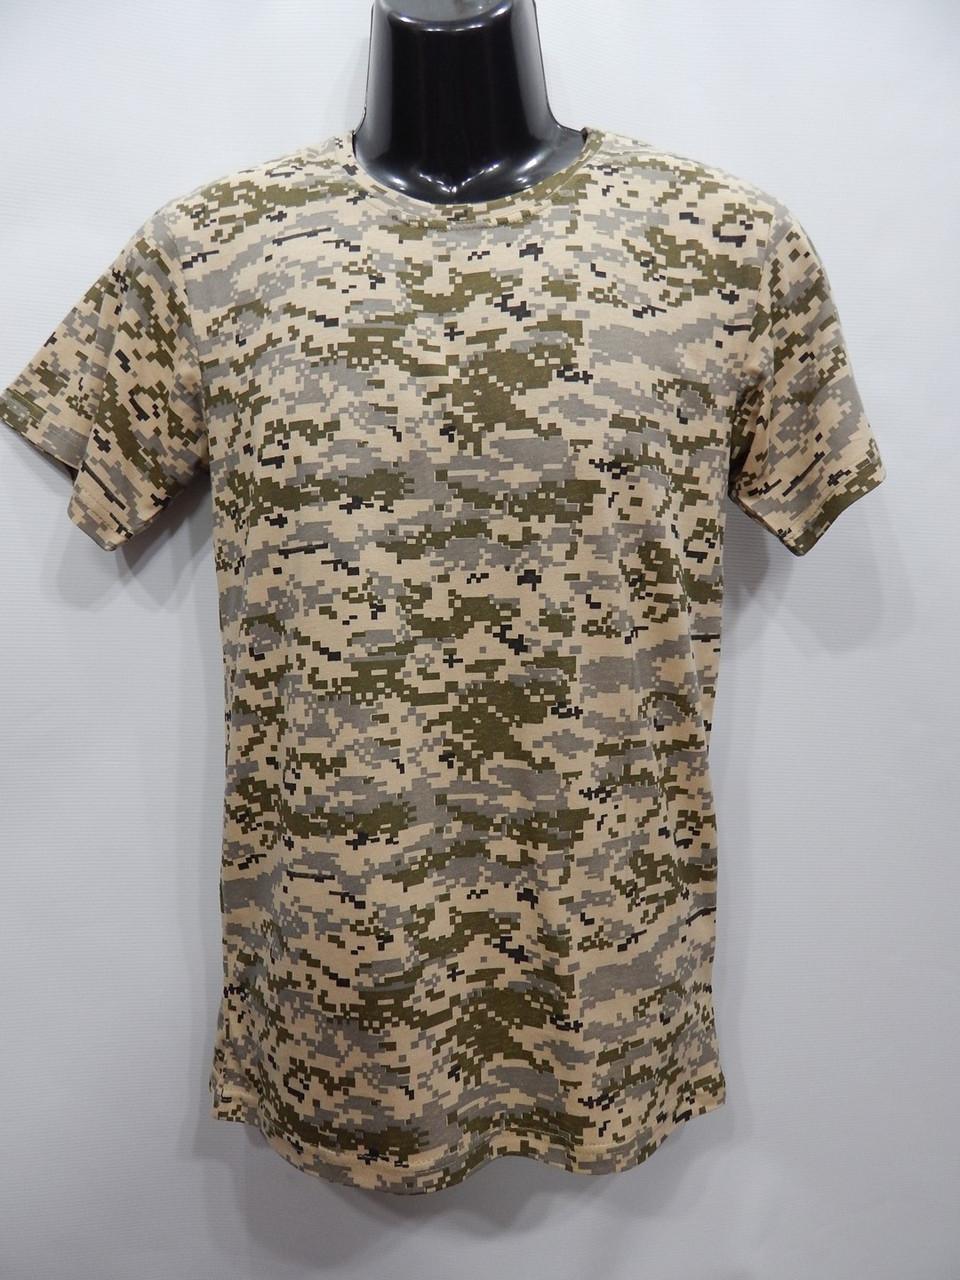 Мужская футболка Mercury-Textile кайот пиксель  р.46 040мф